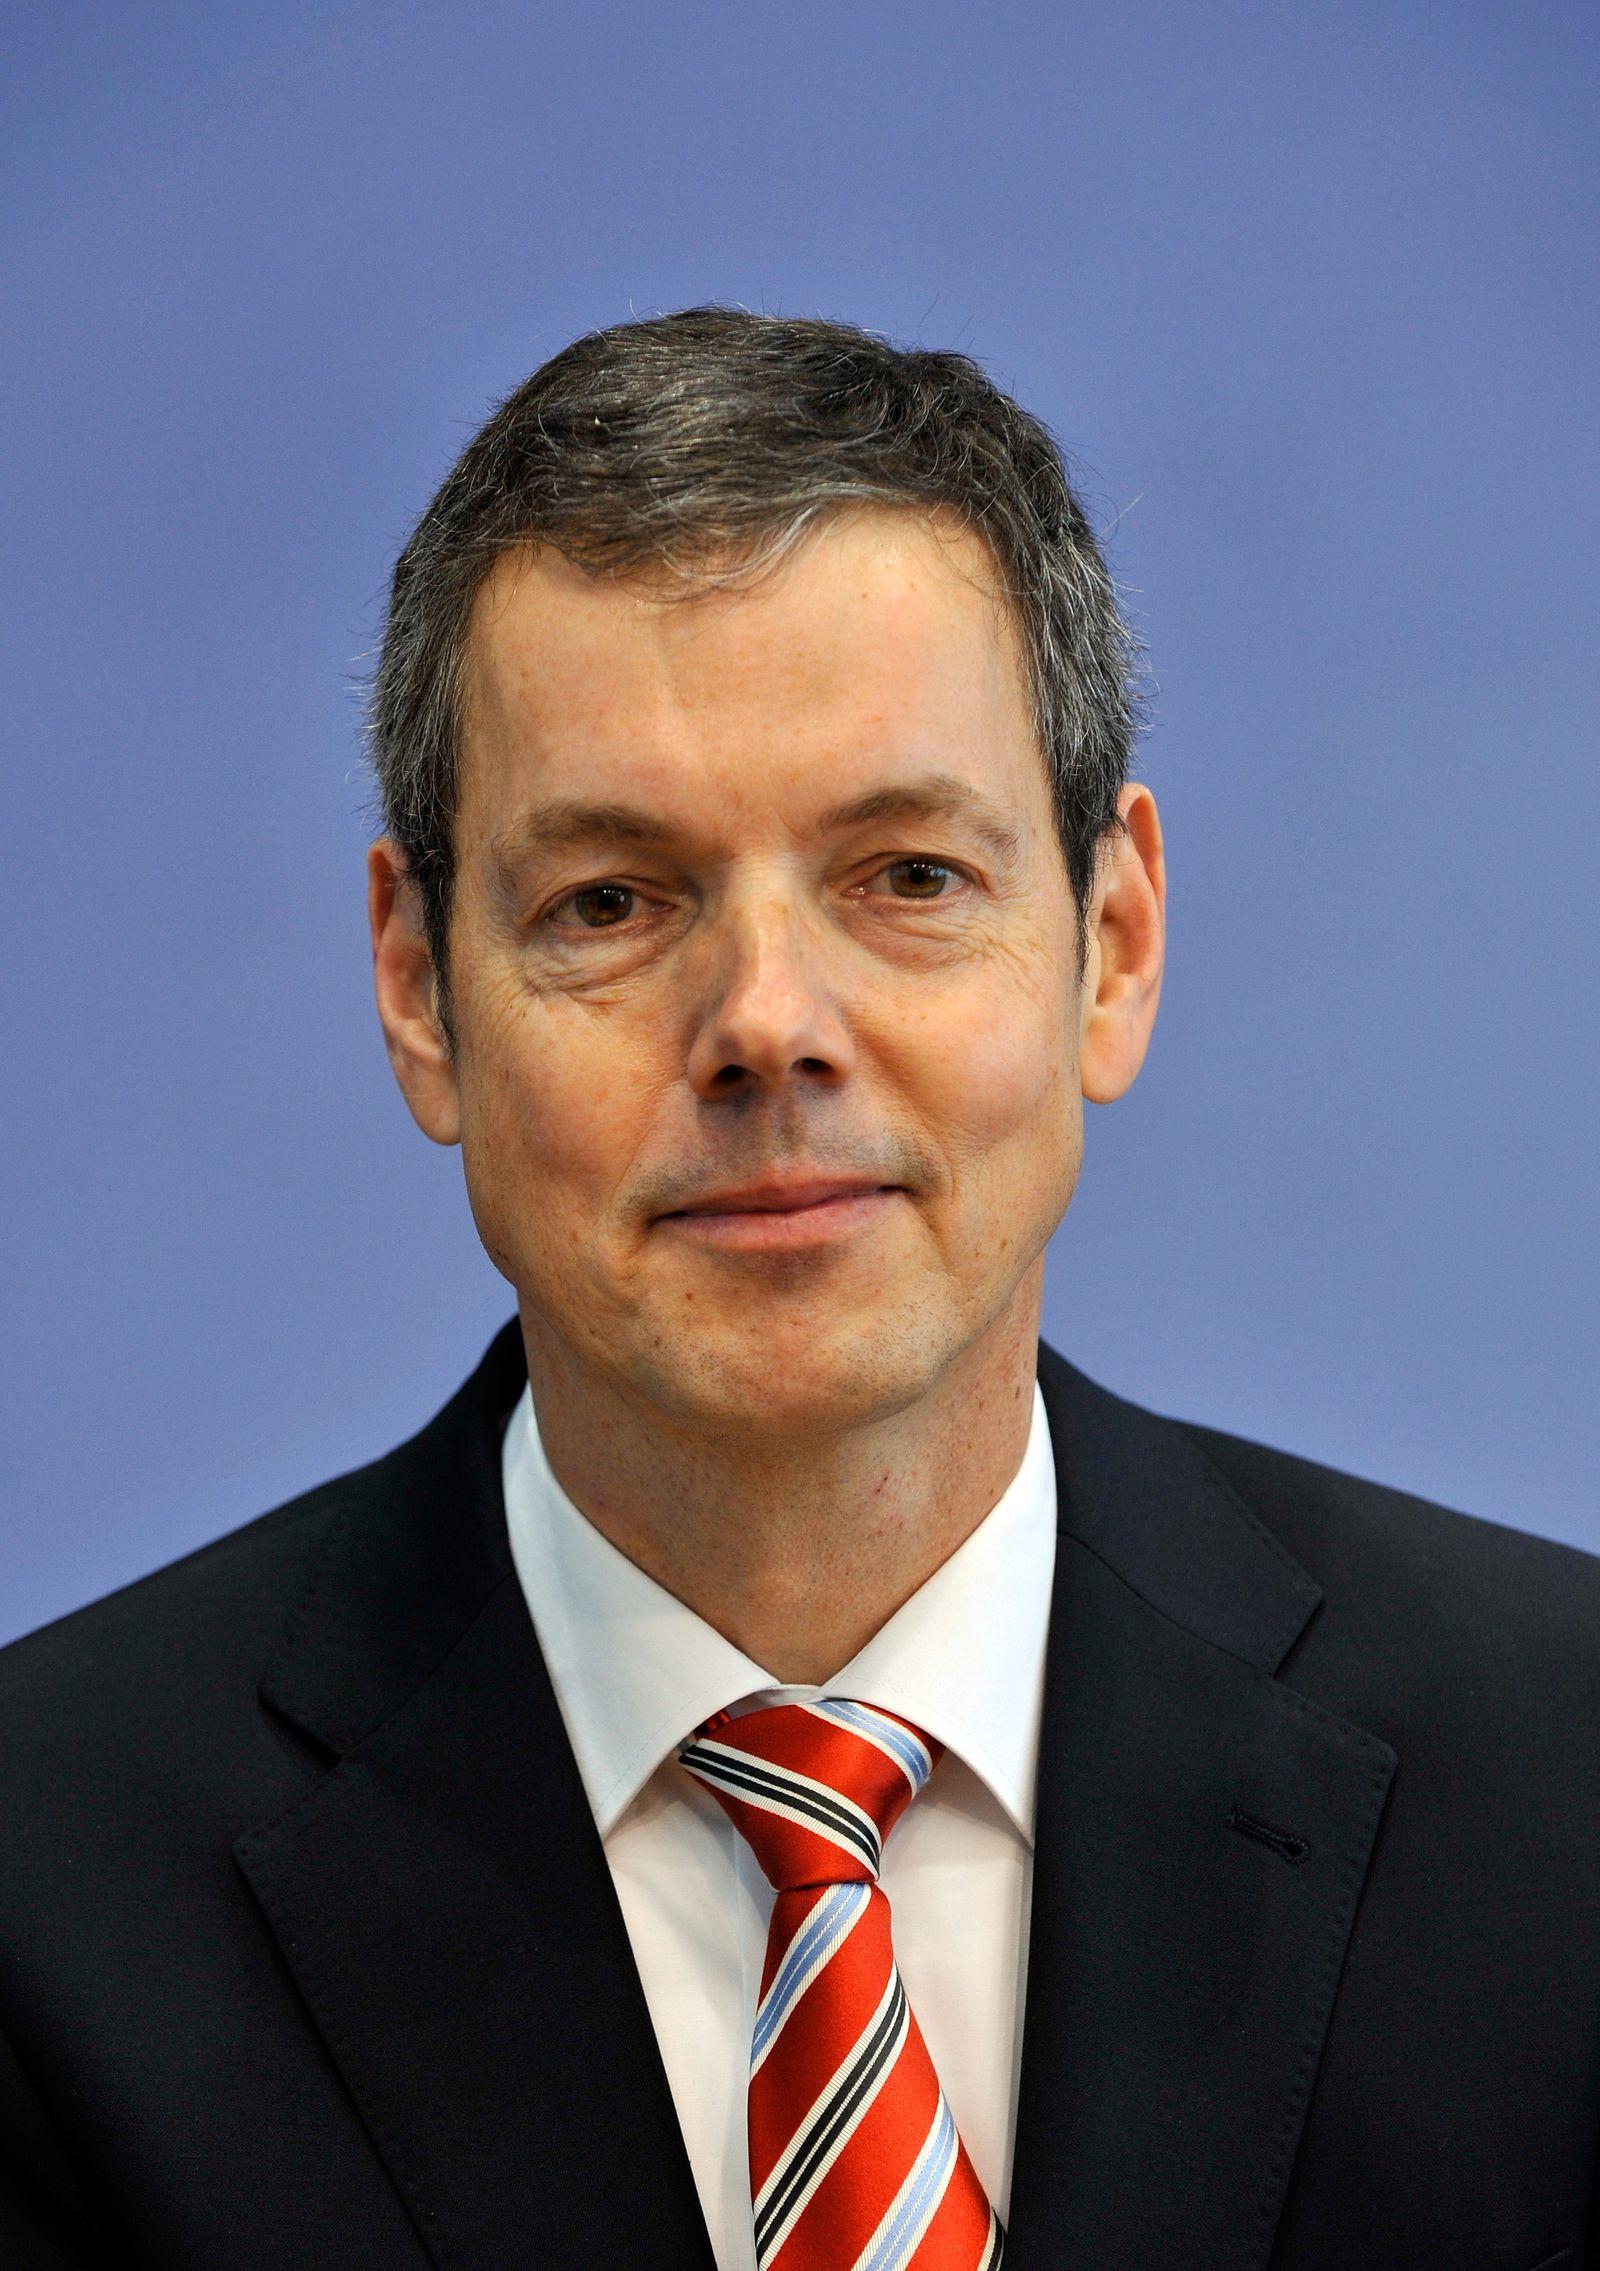 Wirtschaftsweiser Peter Bofinger